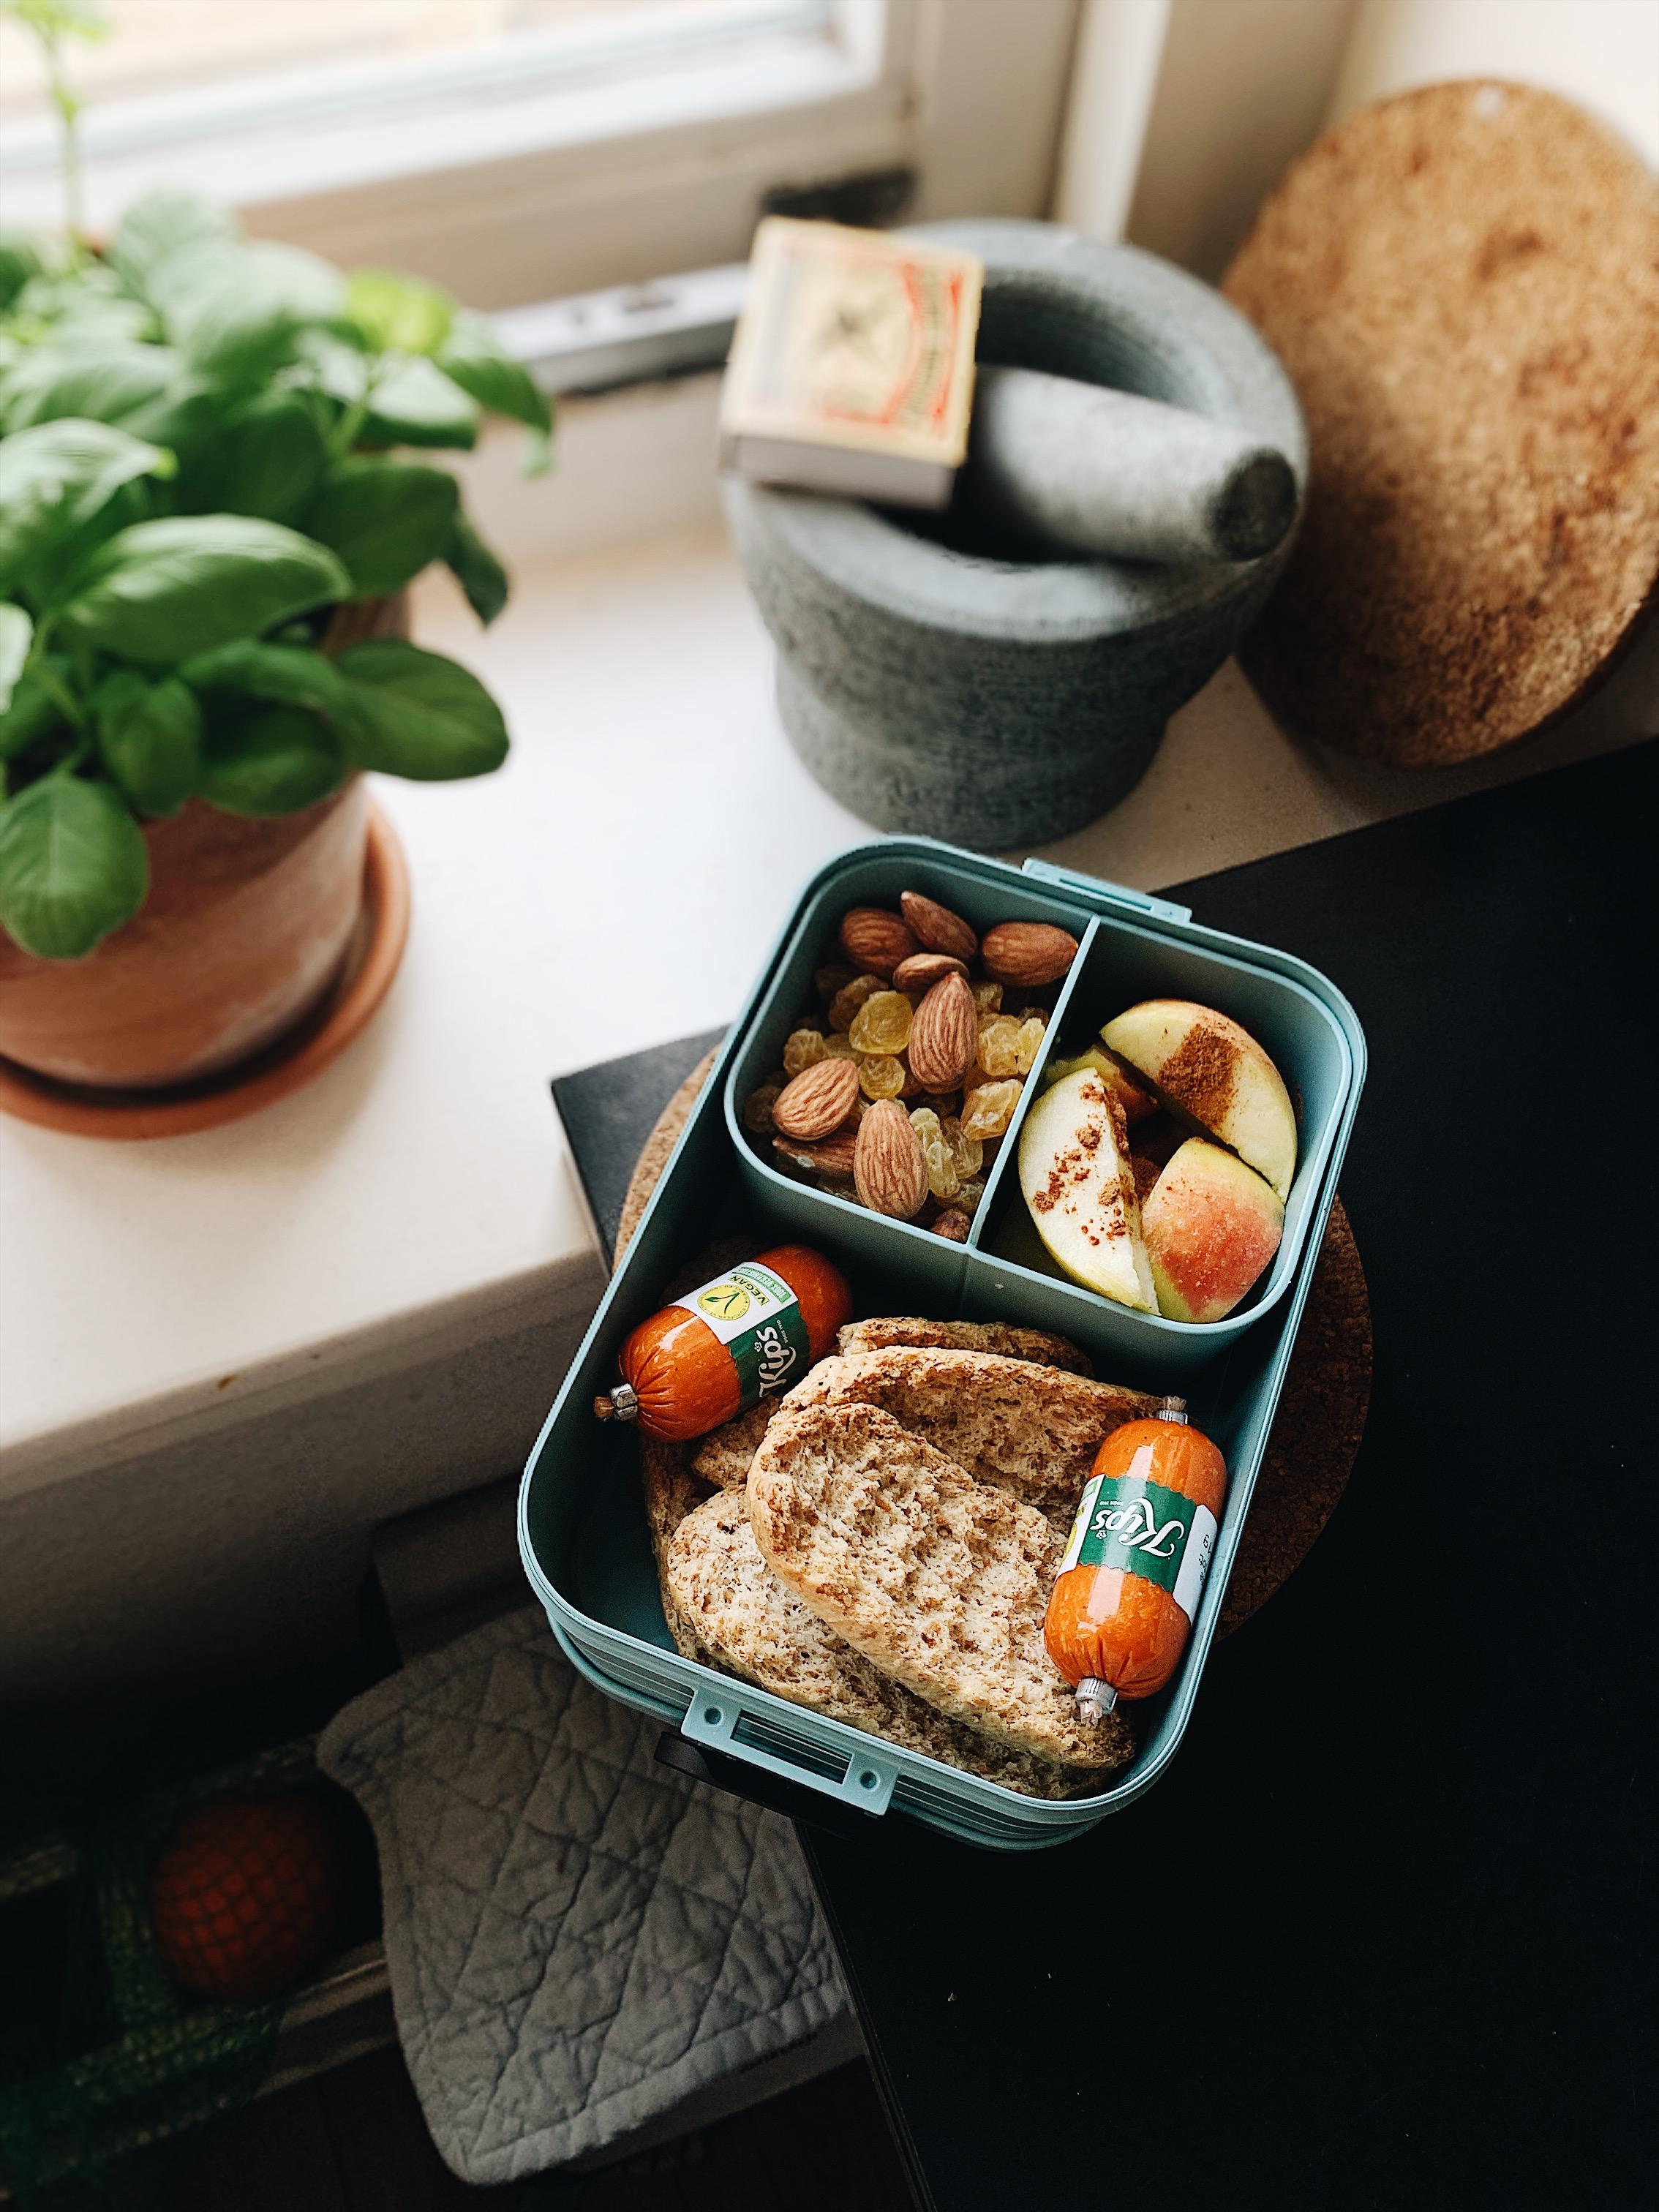 Soms heb ik geen tijd om lunch te maken en neem ik alleen een aantal tussendoortjes mee. Mijn lunch koop ik dan op werk of in de supermarkt.